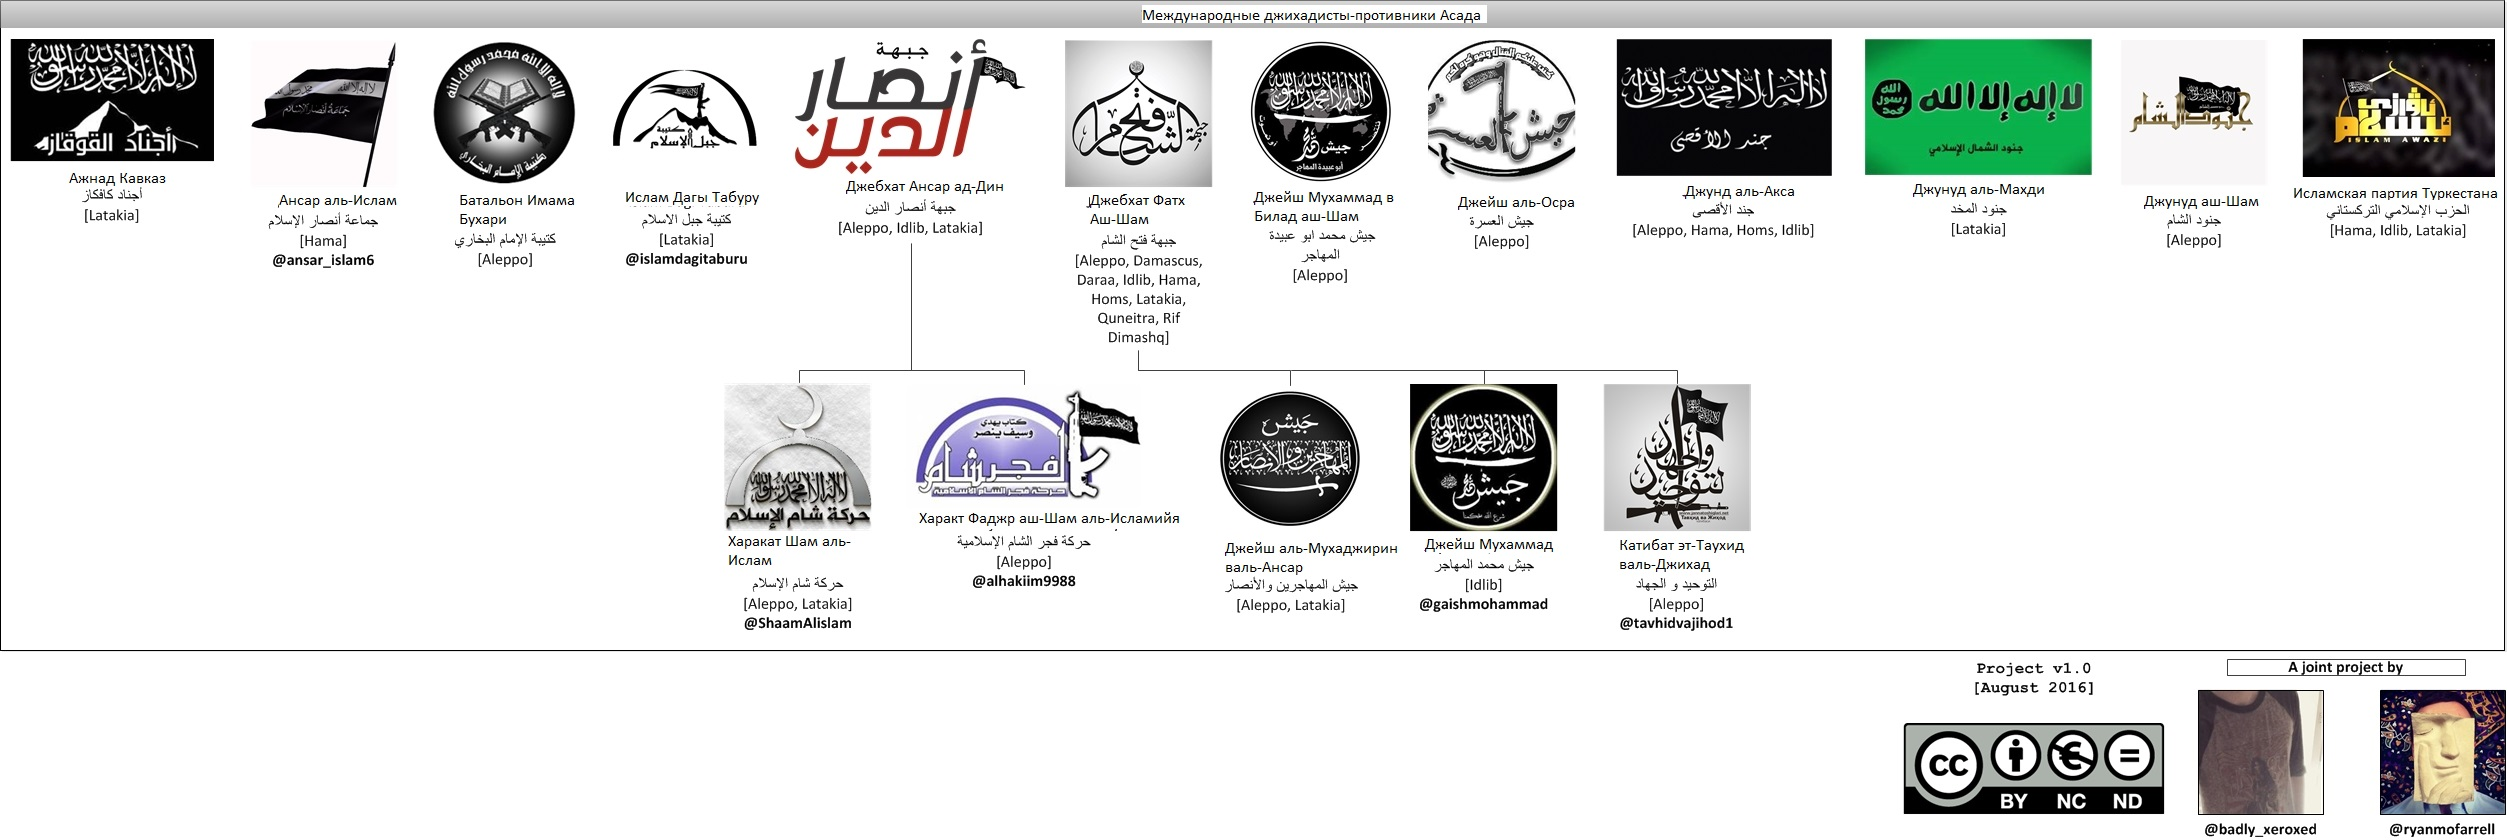 Все международные джихадисты, участвующие в гражданской войне в Сирии